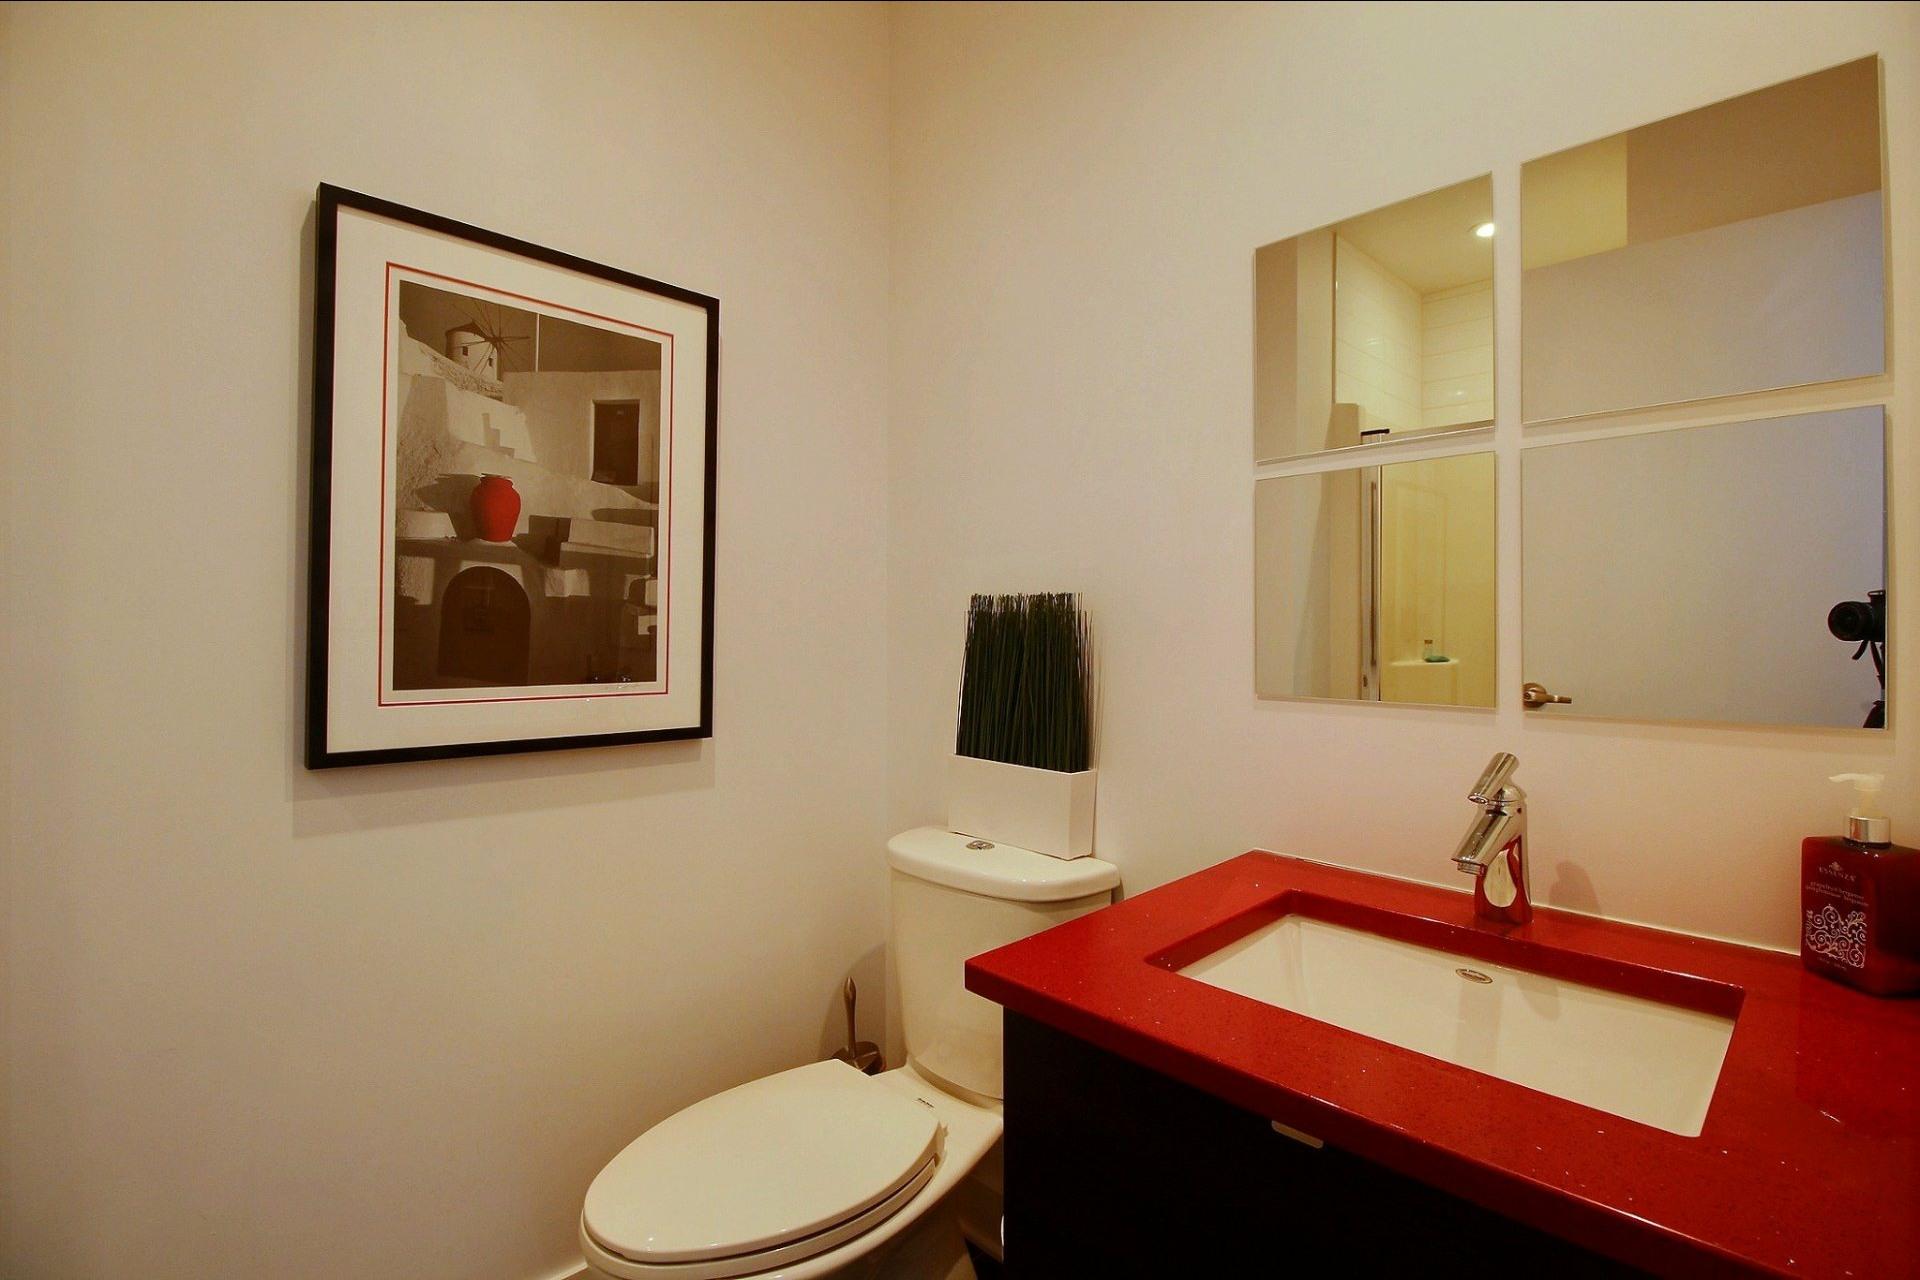 image 22 - Appartement À louer Côte-des-Neiges/Notre-Dame-de-Grâce Montréal  - 4 pièces